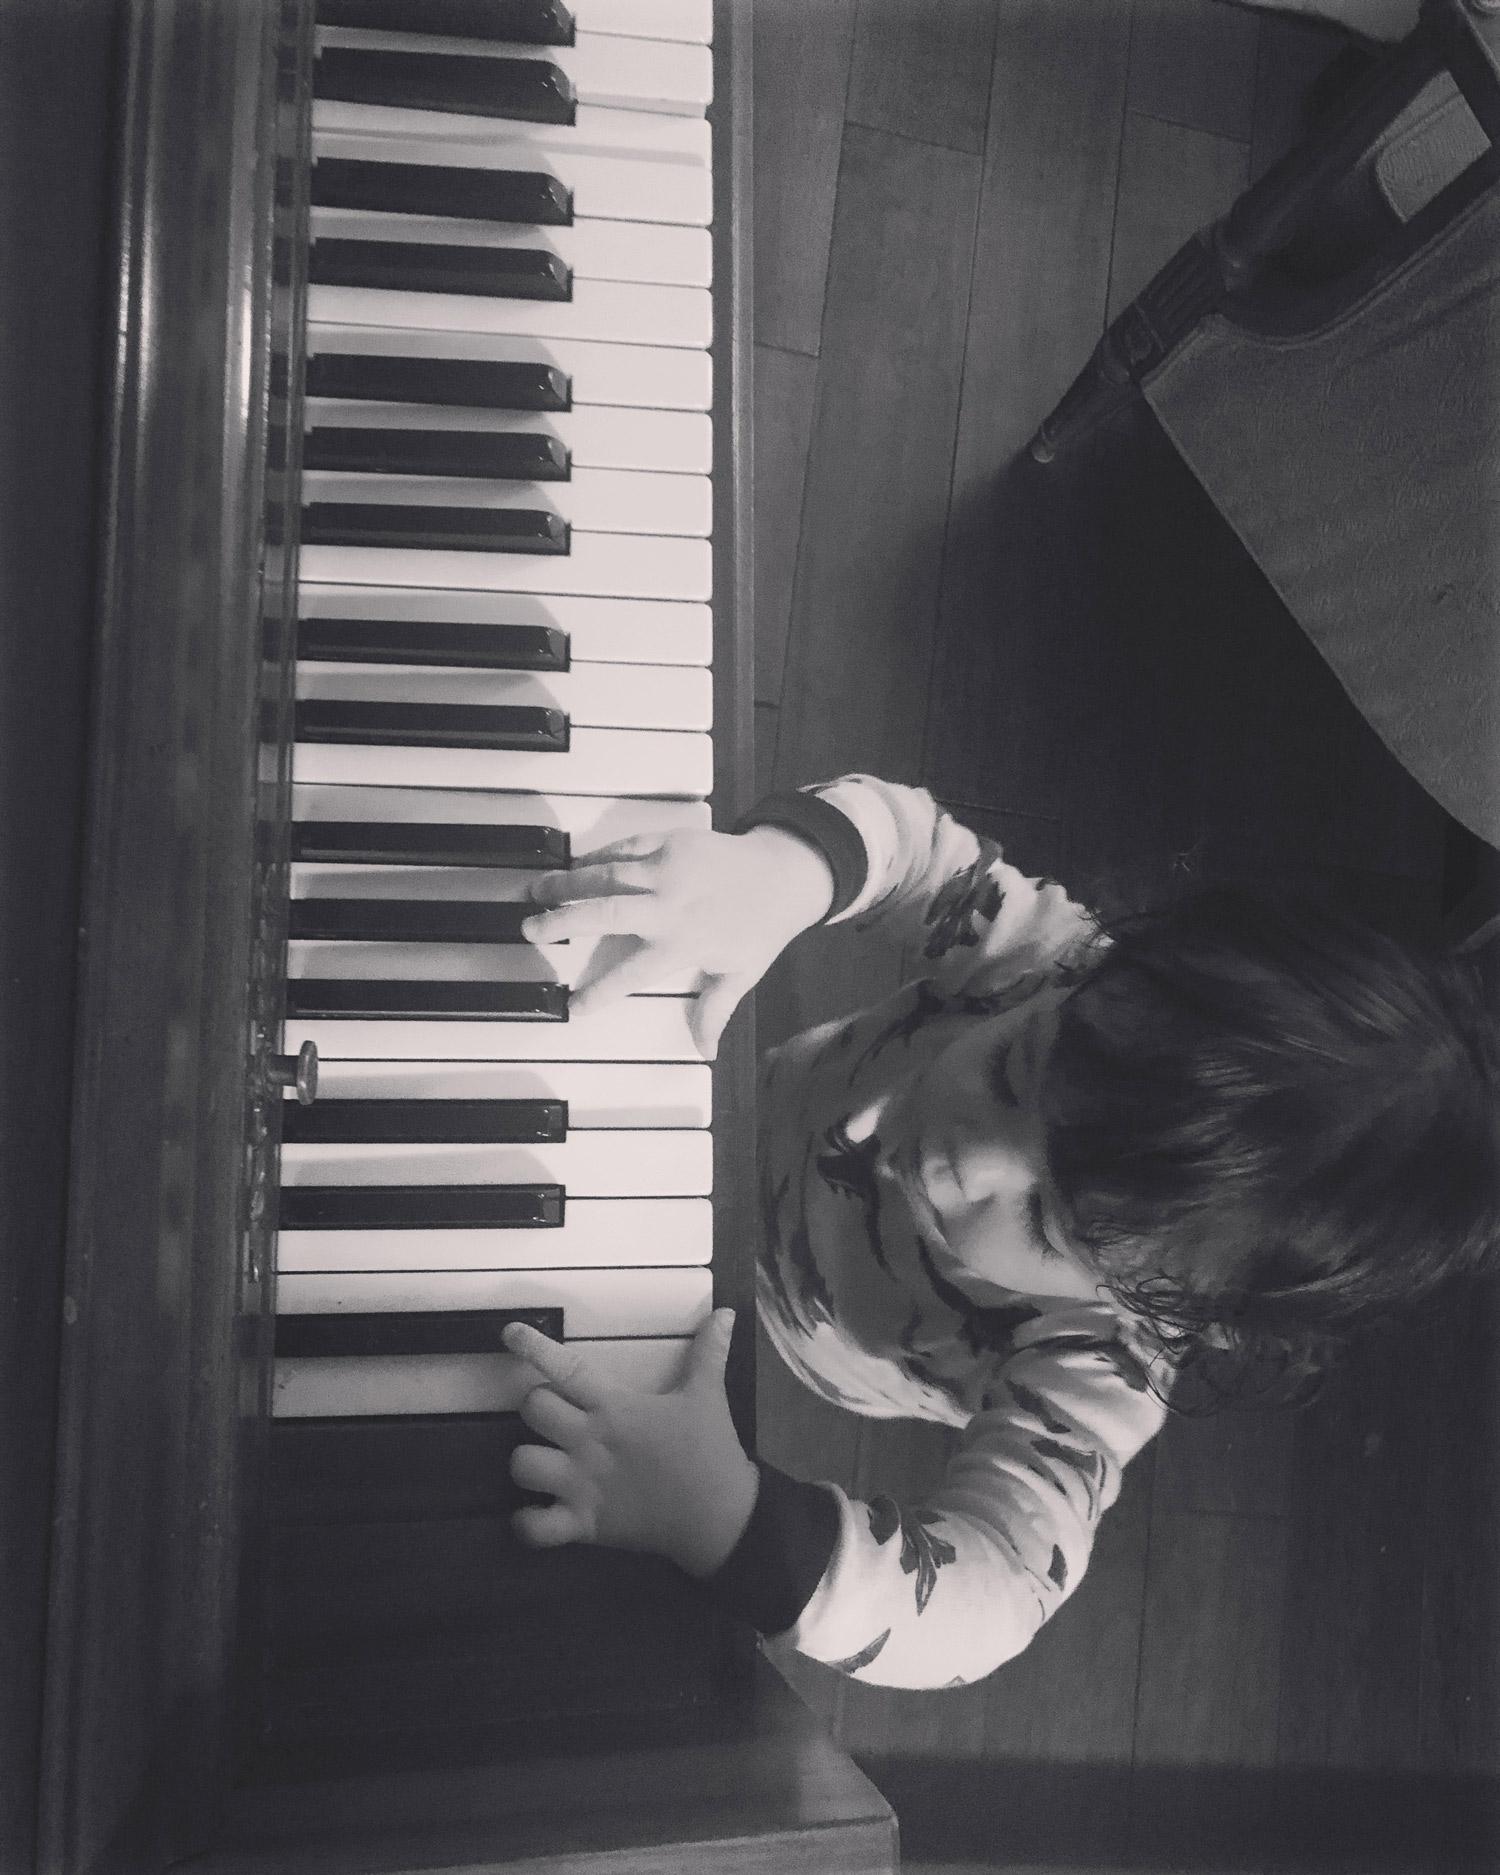 piano-baby-family-photographer-katy-texas.jpg